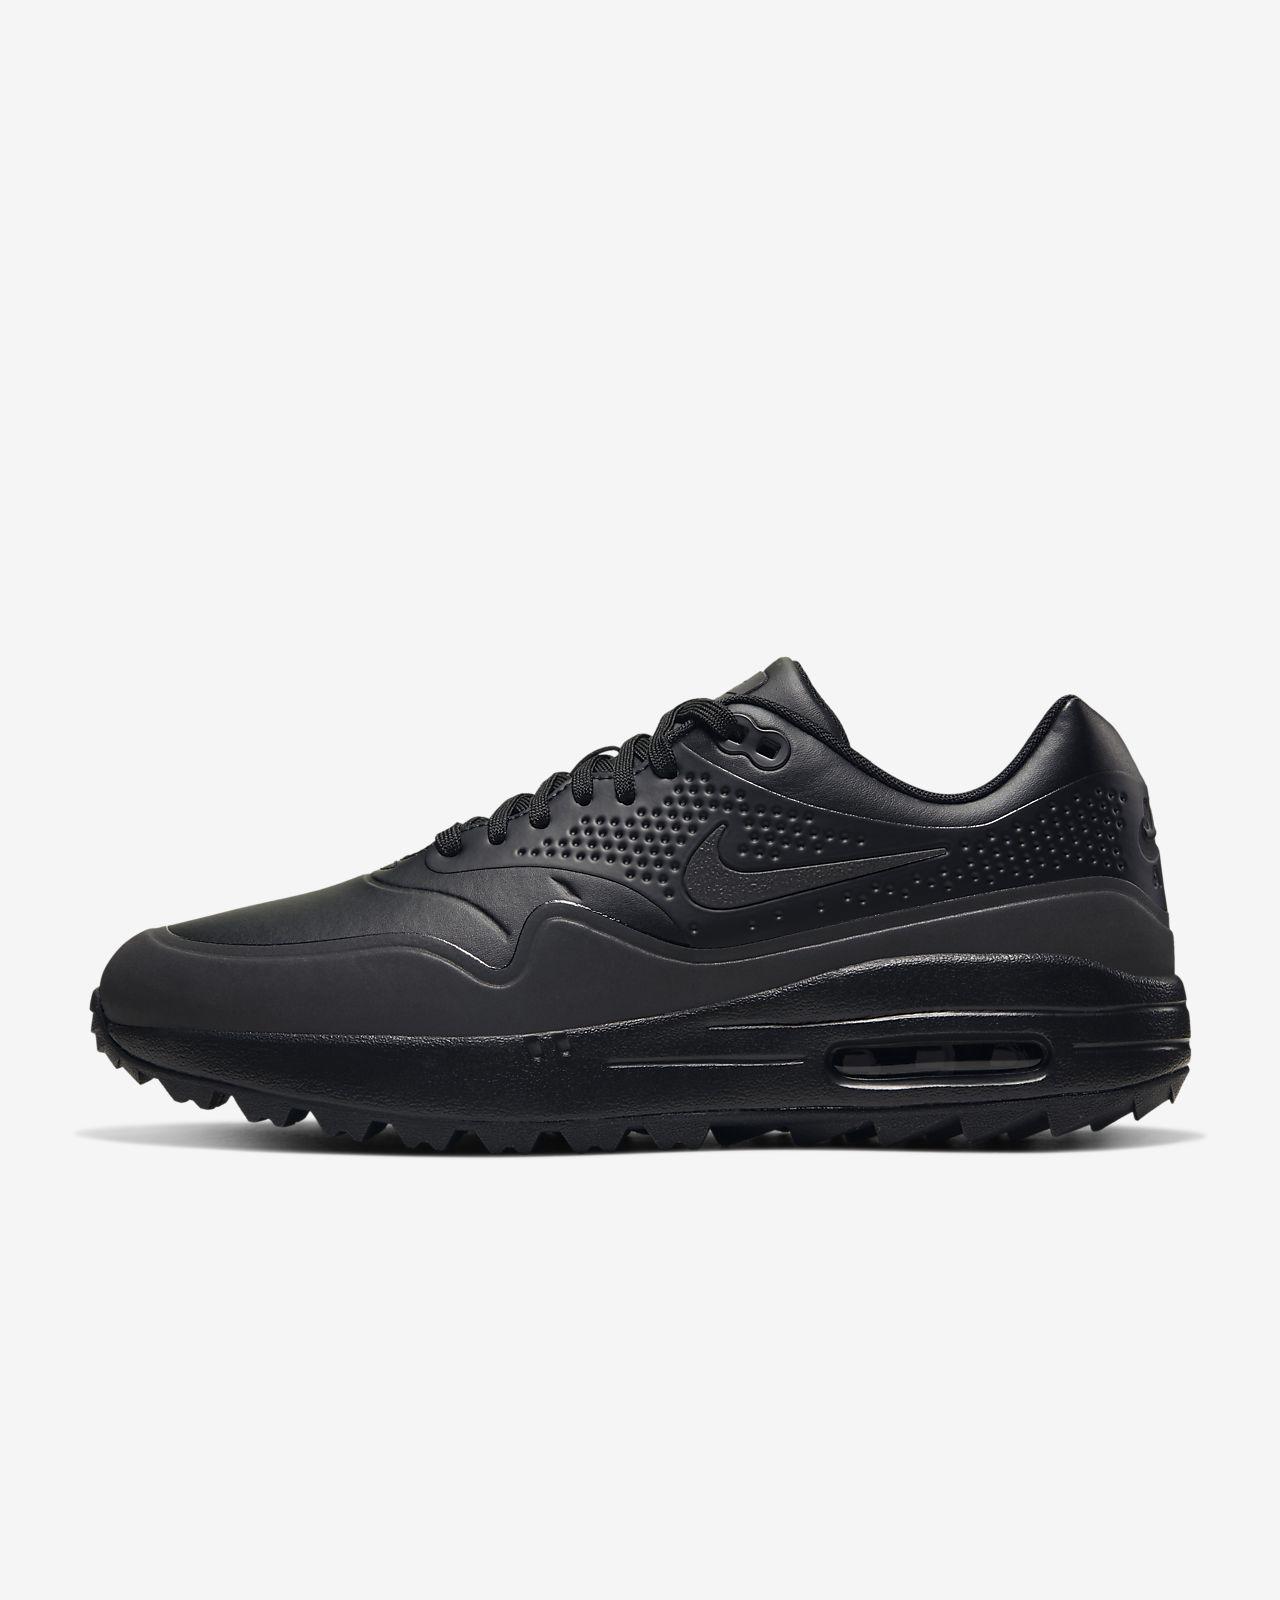 Ανδρικό παπούτσι γκολφ Nike Air Max 1 G